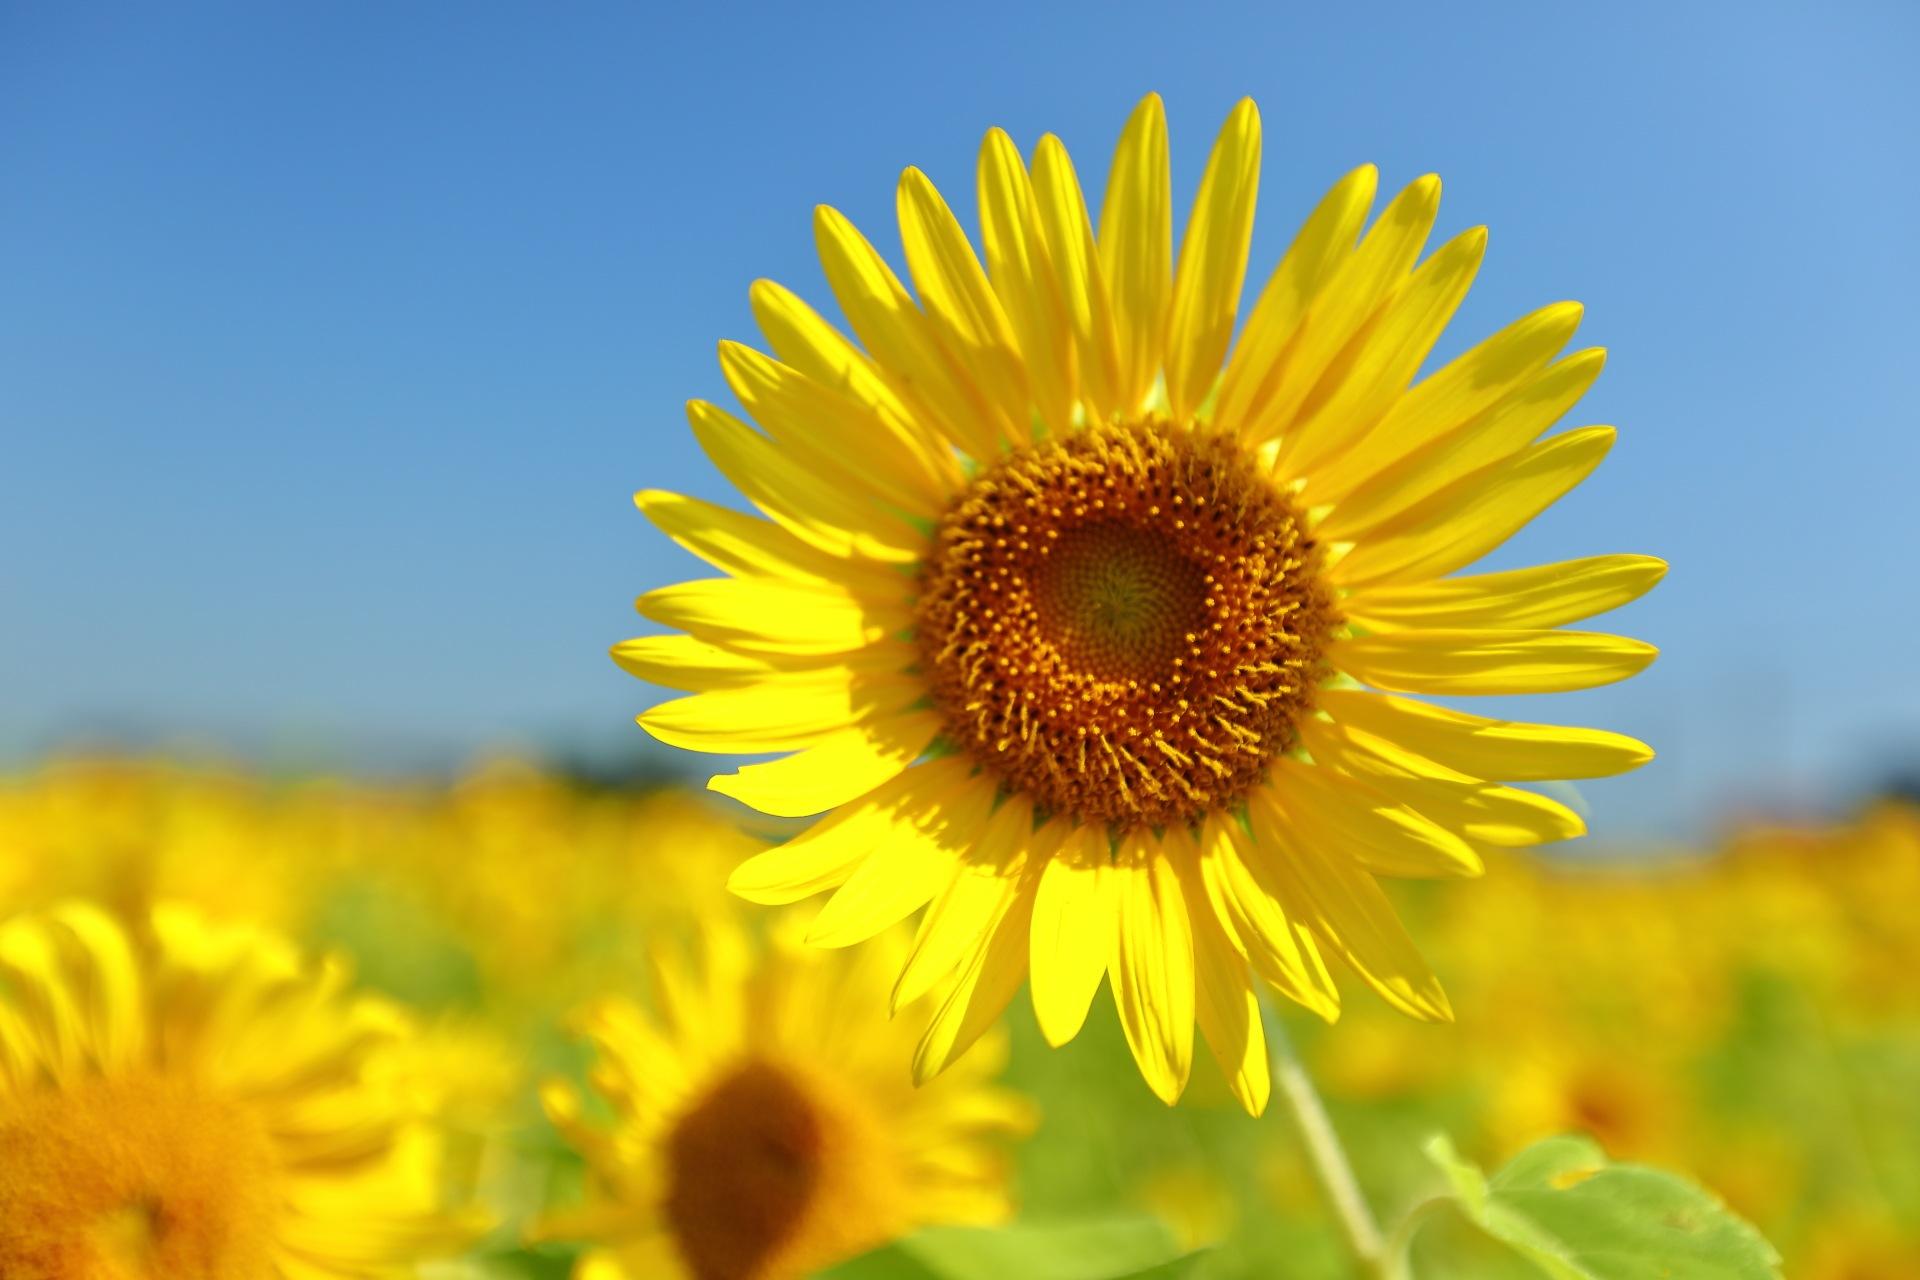 Sunflower Horizon by takashi.mizoguchi